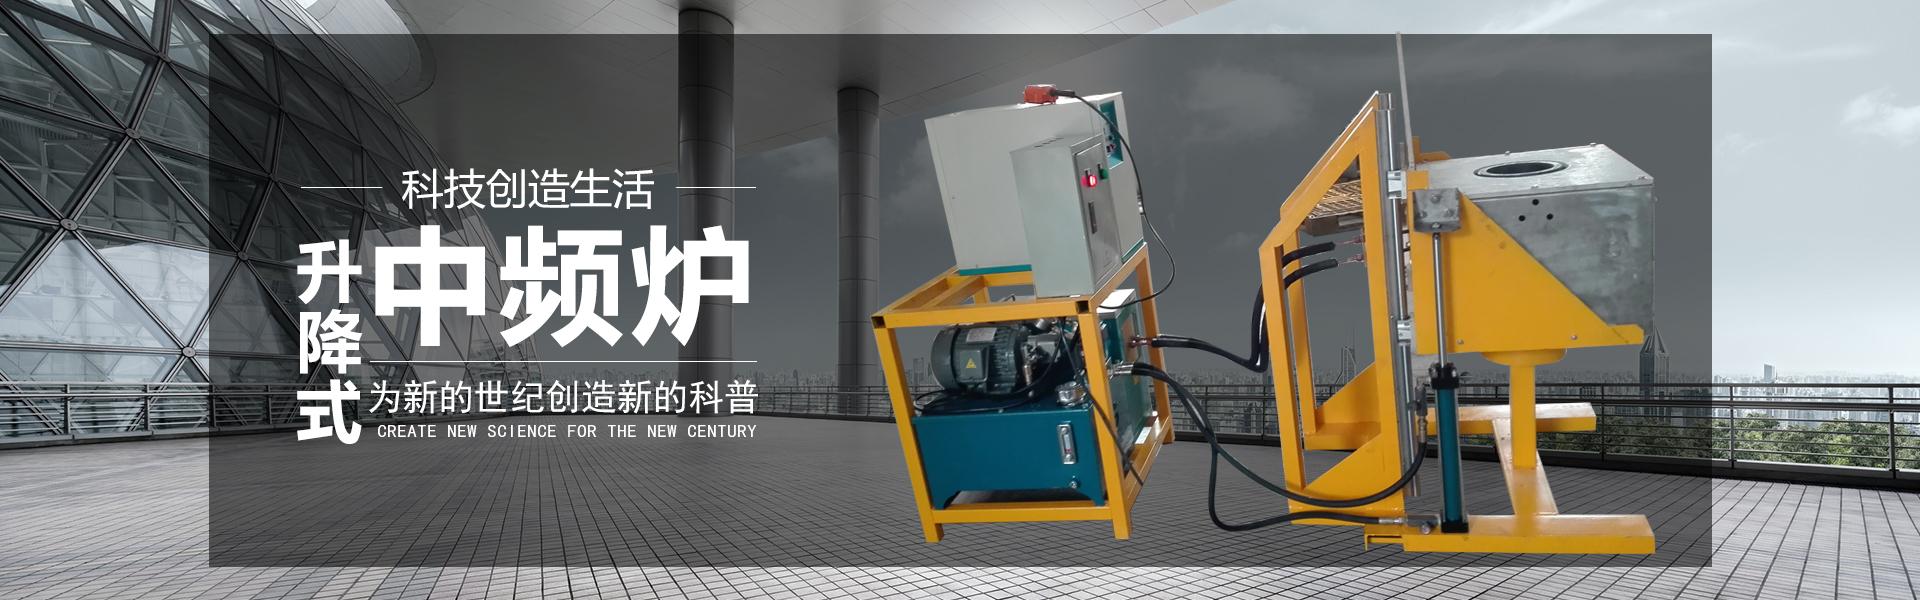 肇庆市鑫丰科技有限公司是一家以生产升降式中频炉为主的科技公司。